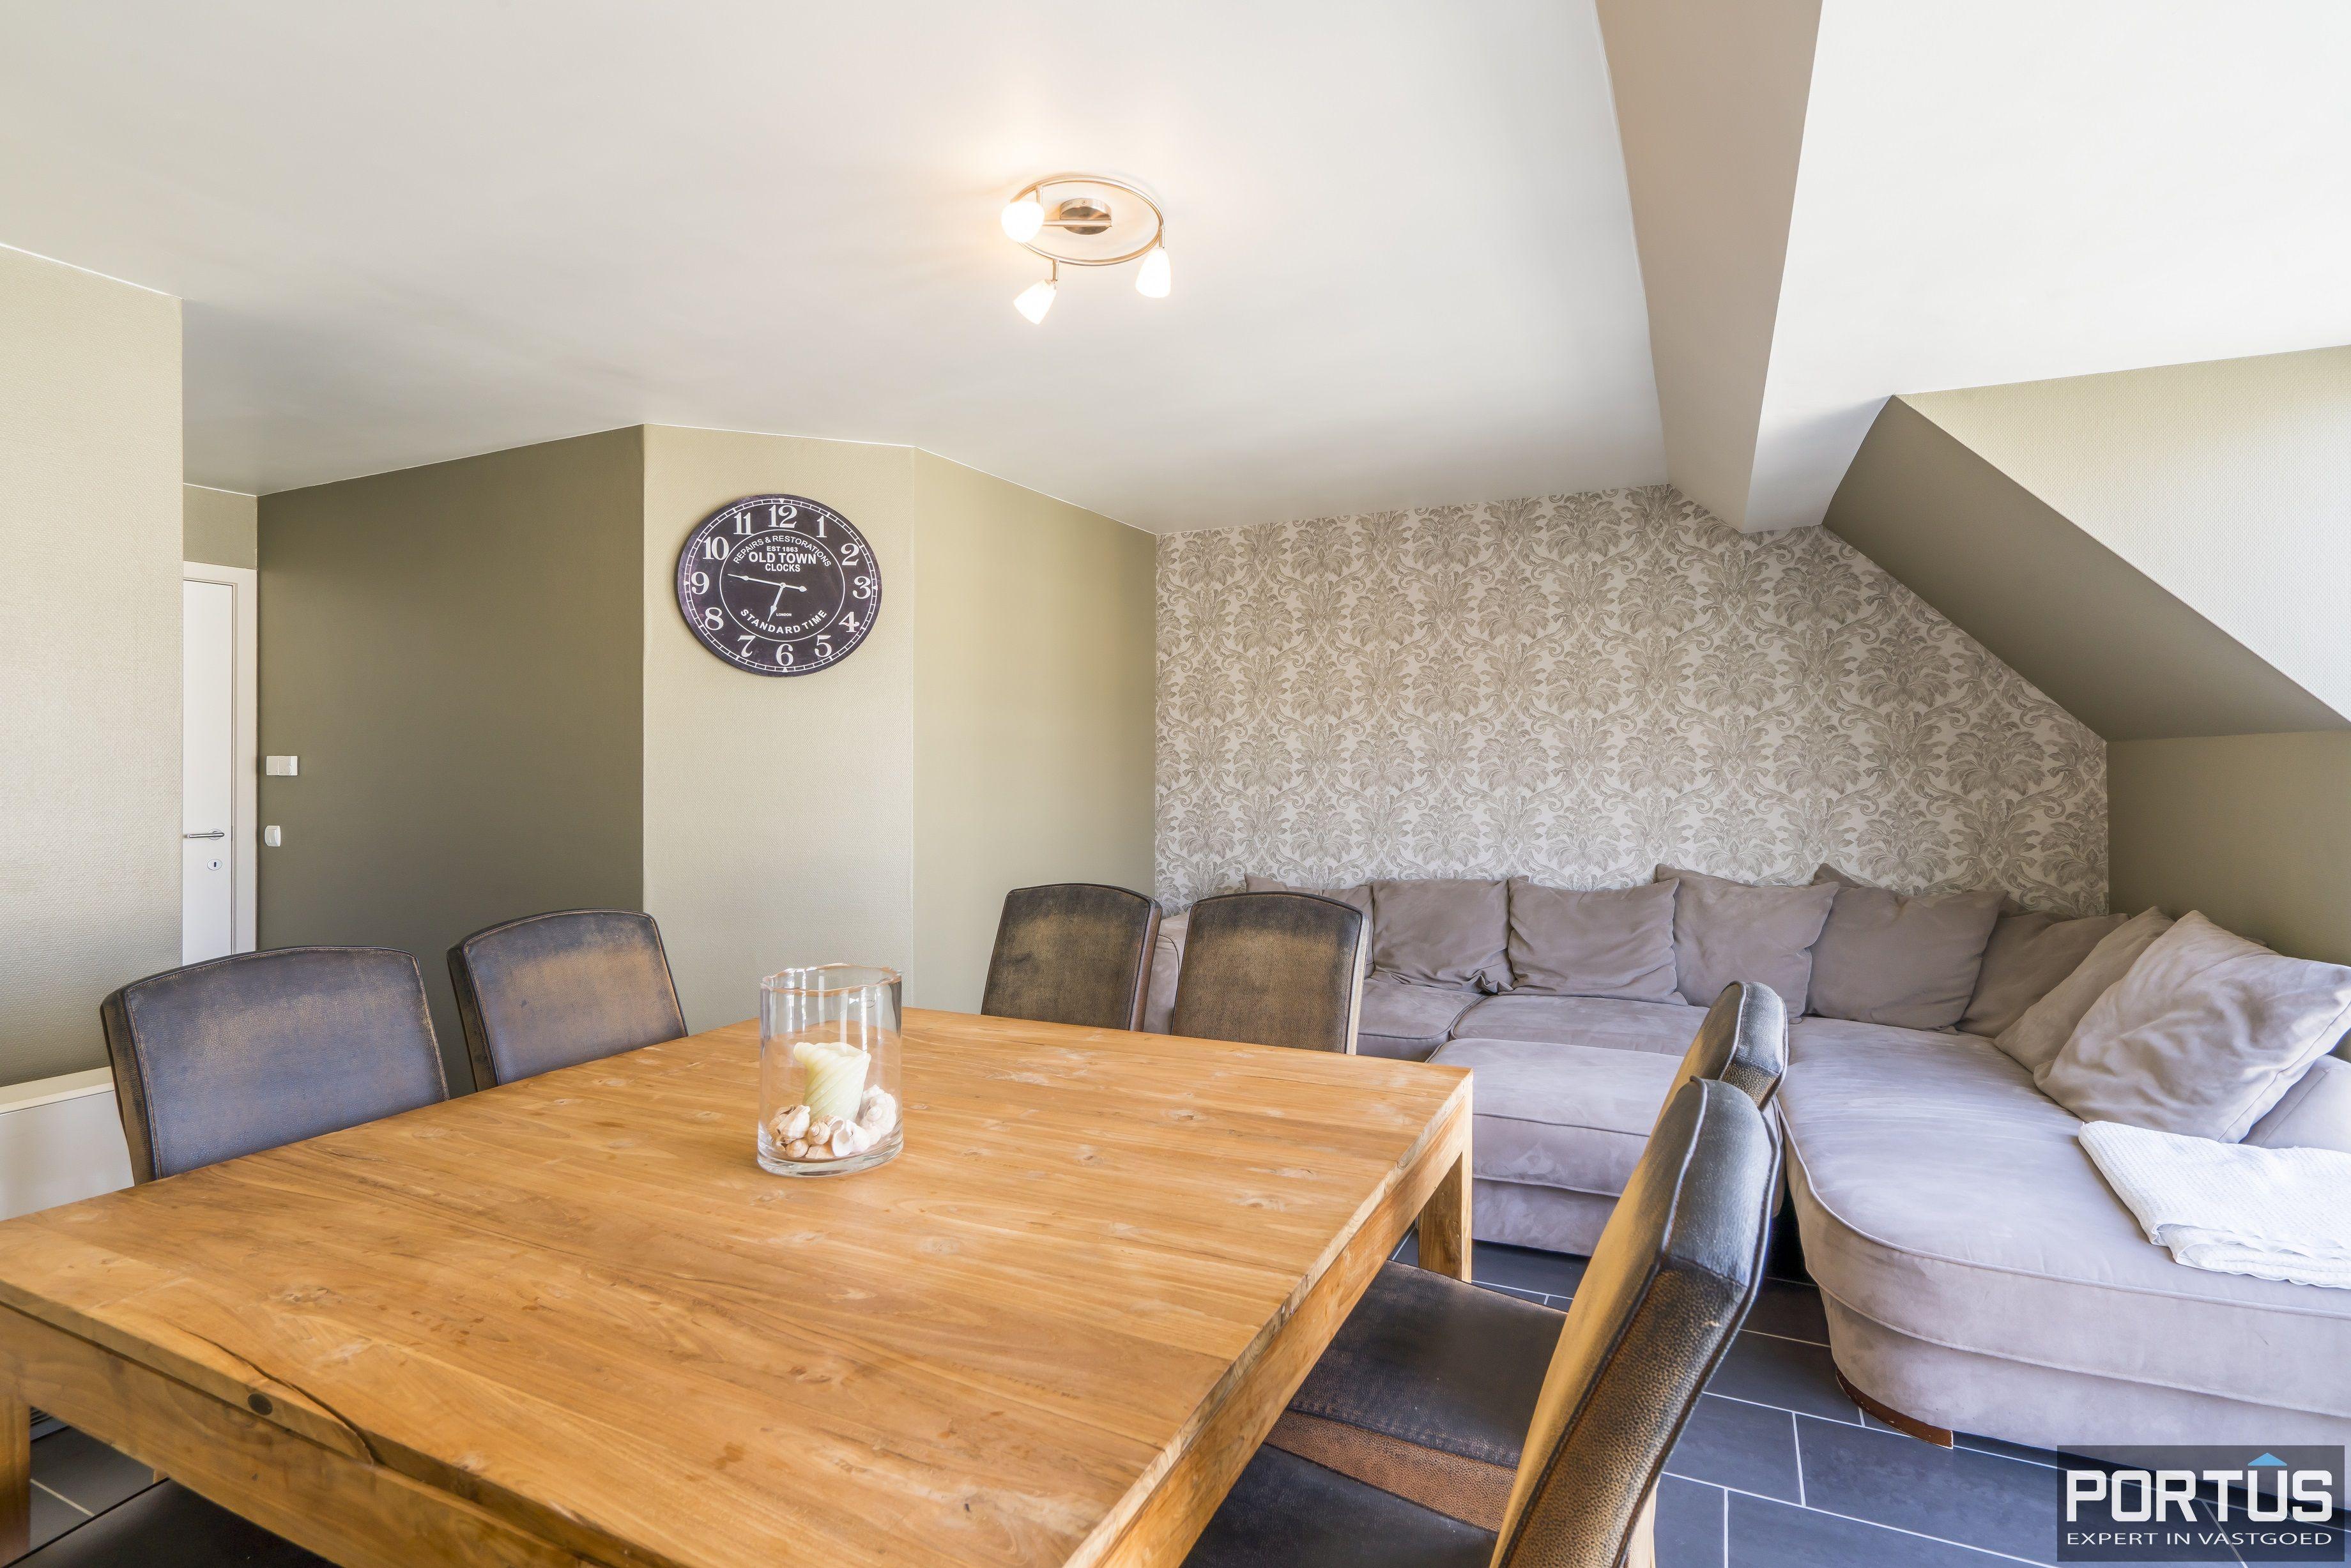 Appartement op wandelafstand van het strand te koop te Nieuwpoort-Bad - 13176